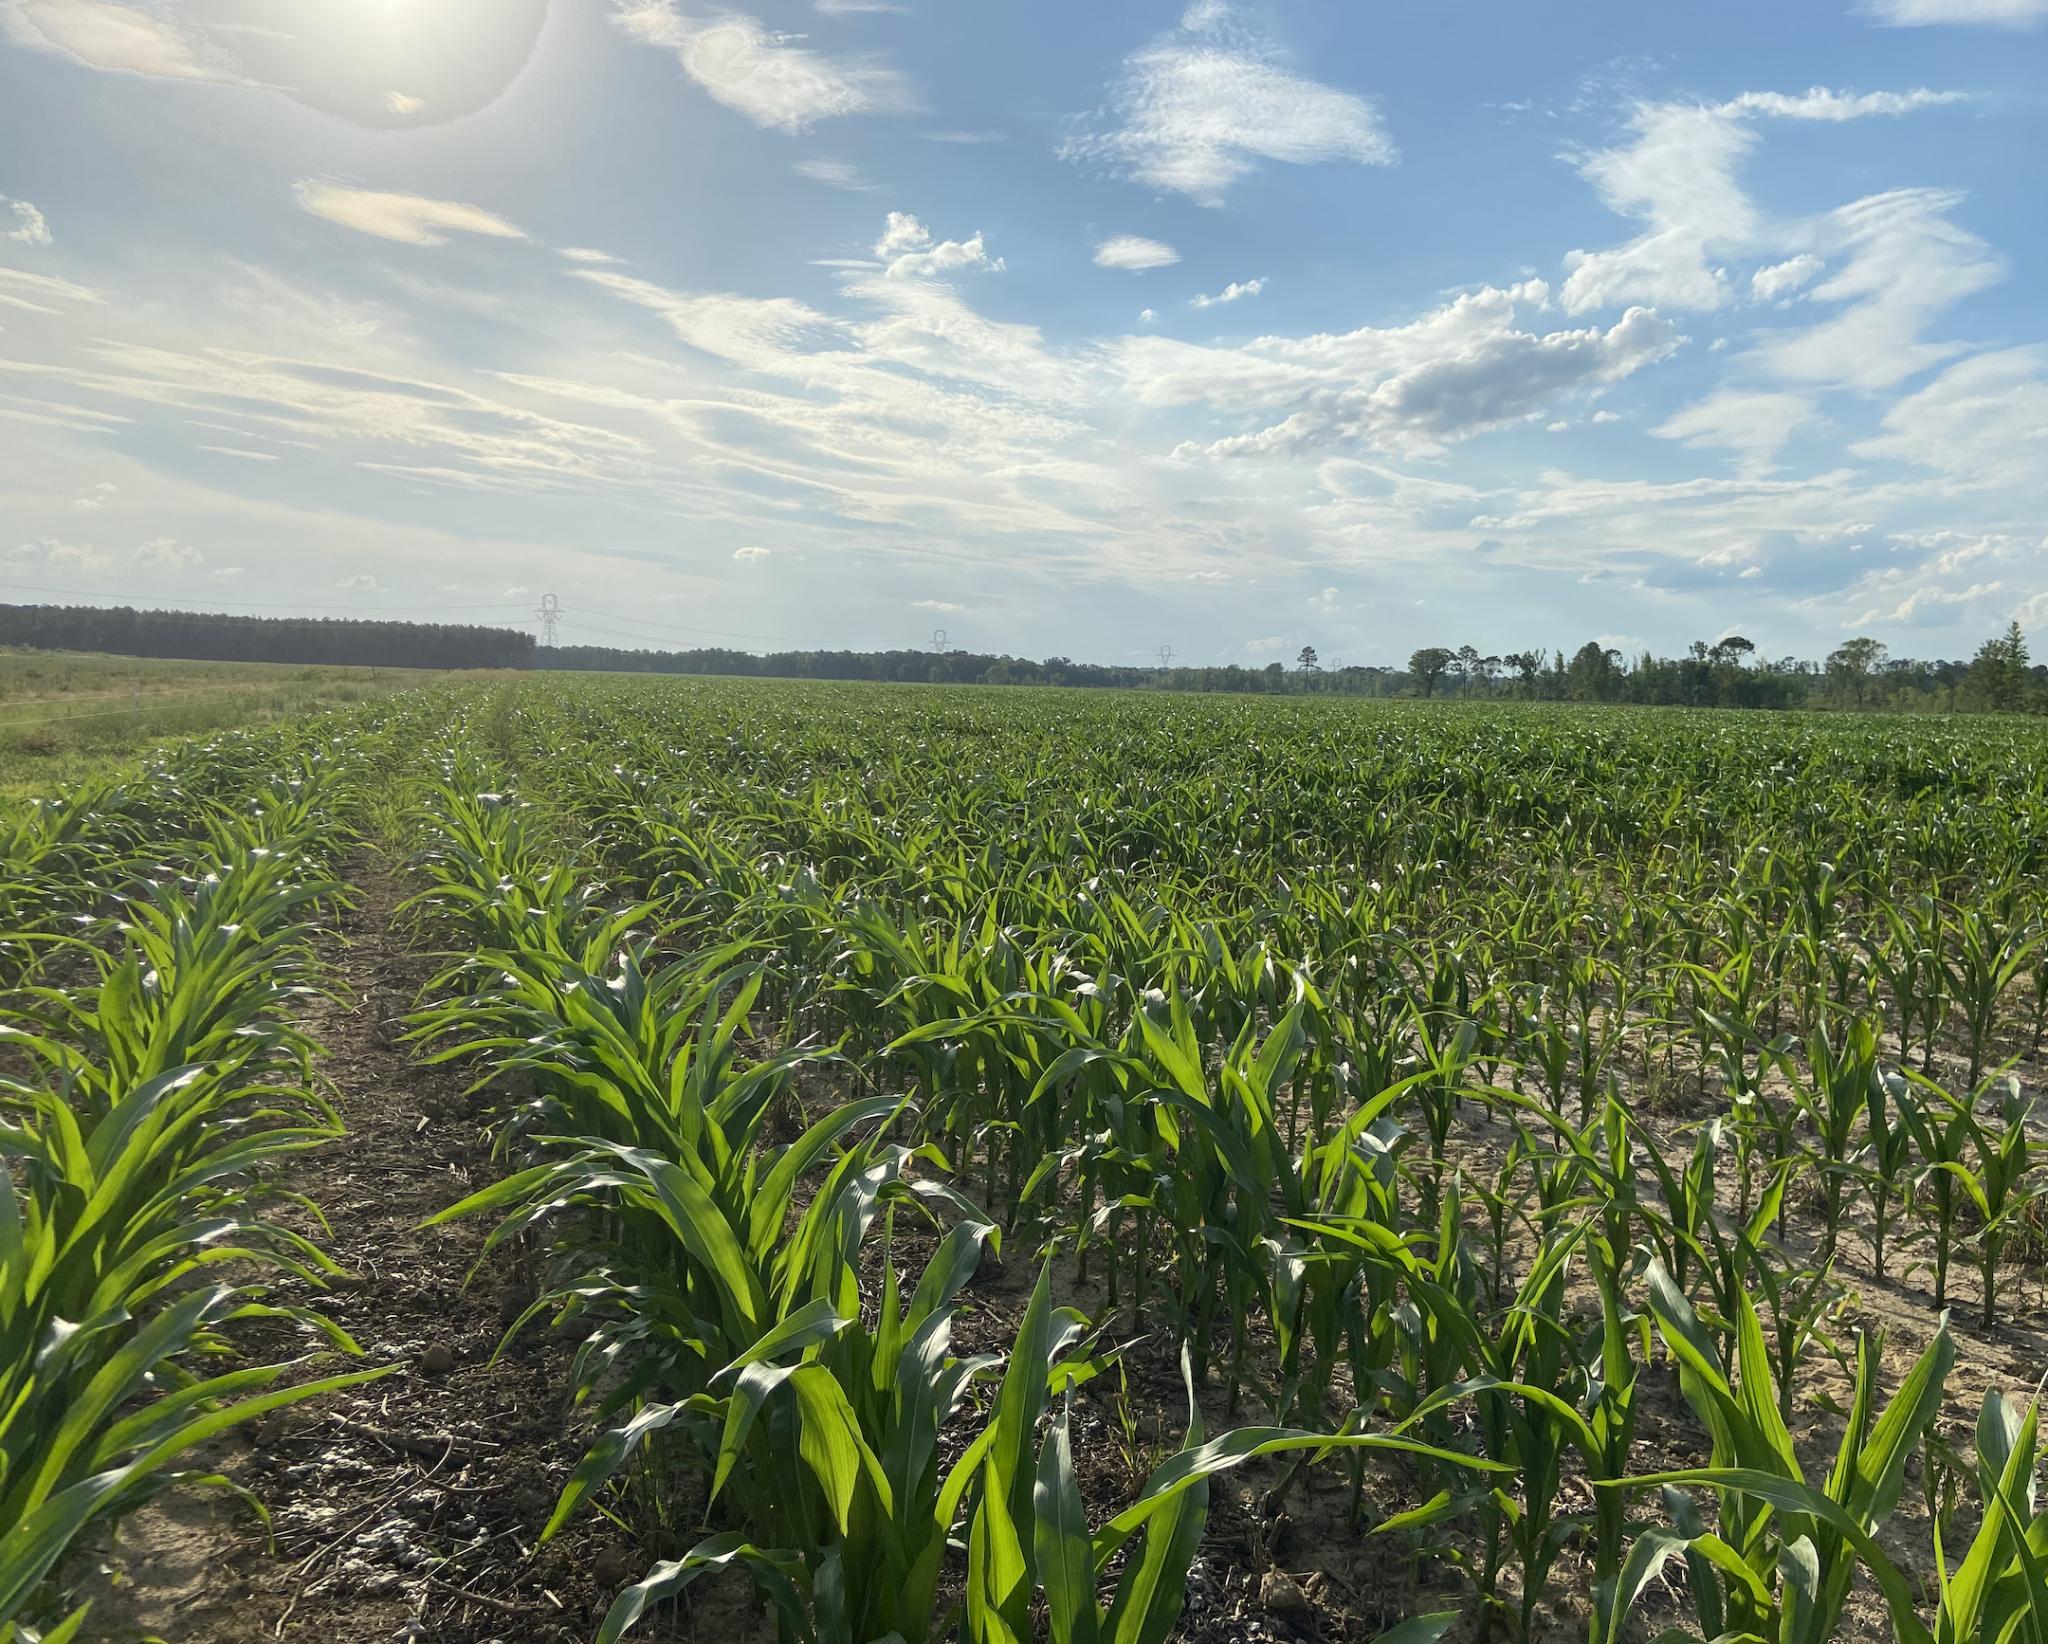 corn field in early summer; row crop update